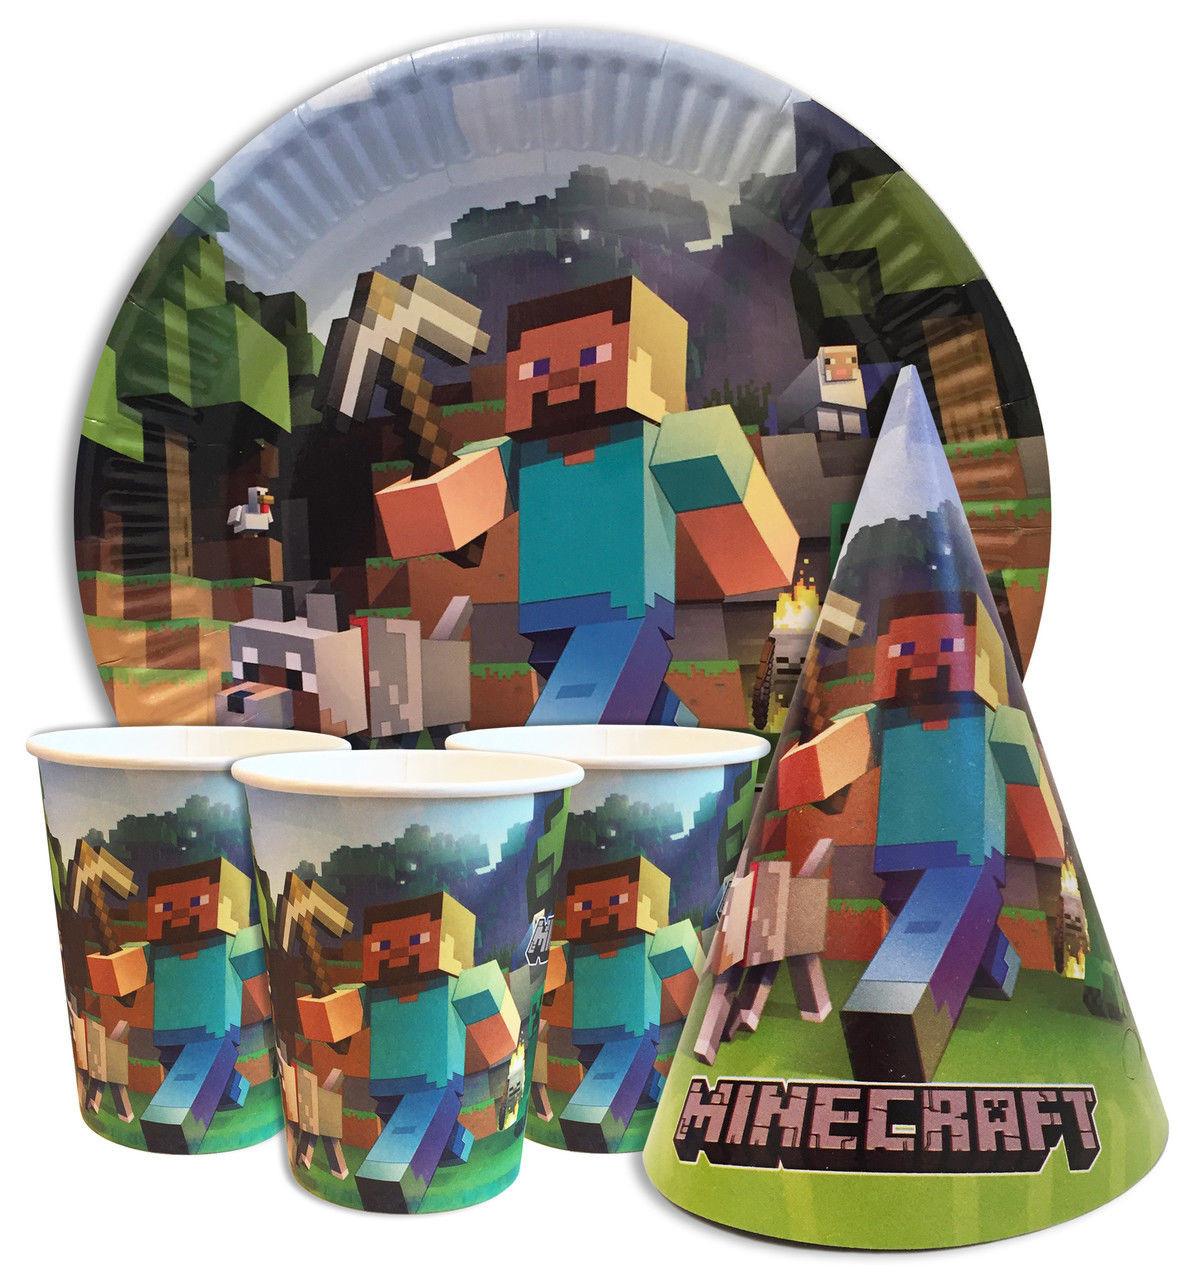 """Набор для детского дня рождения """"Майнкрафт"""". Тарелки, стаканы, колпачки по 10 шт."""